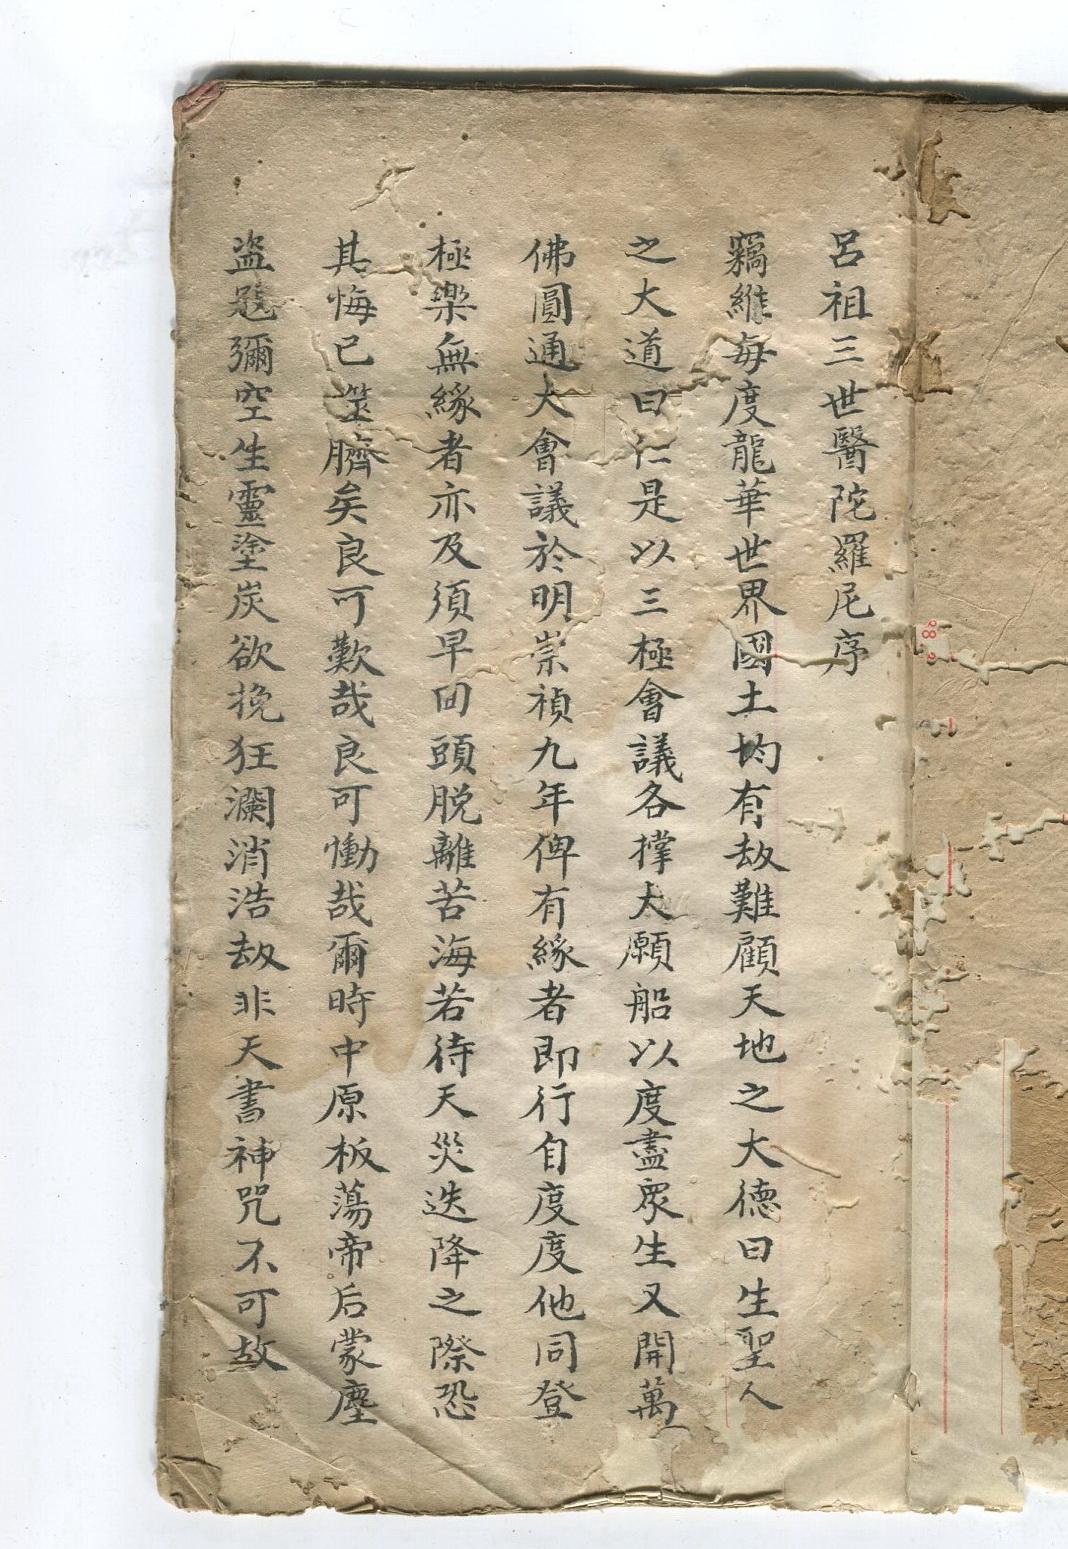 《内罗密藏三尼医世陀罗尼咒》手稿